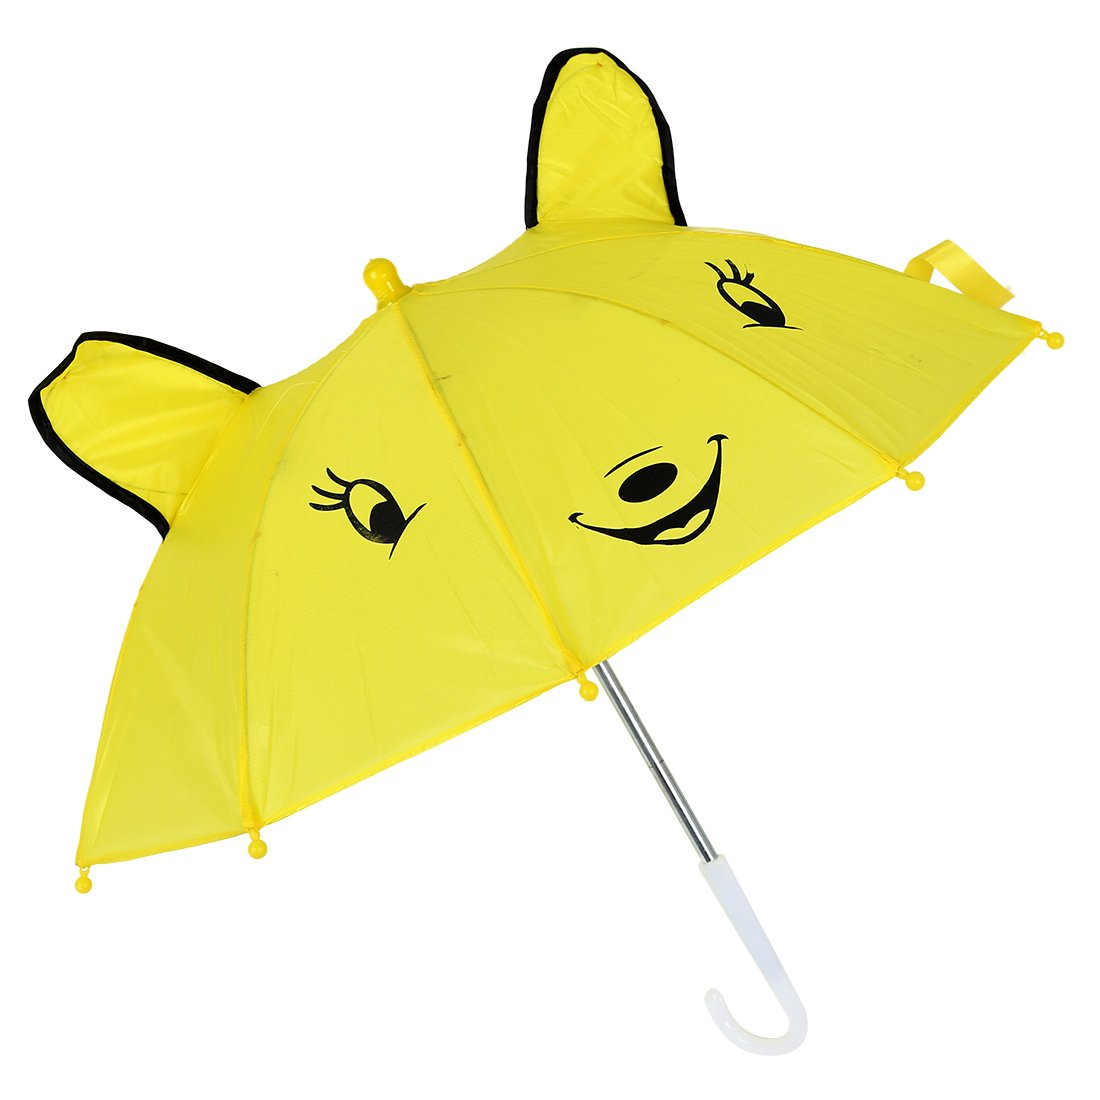 Vaorwne Parapluie de Forme de Panda Jaune pour Les Enfants